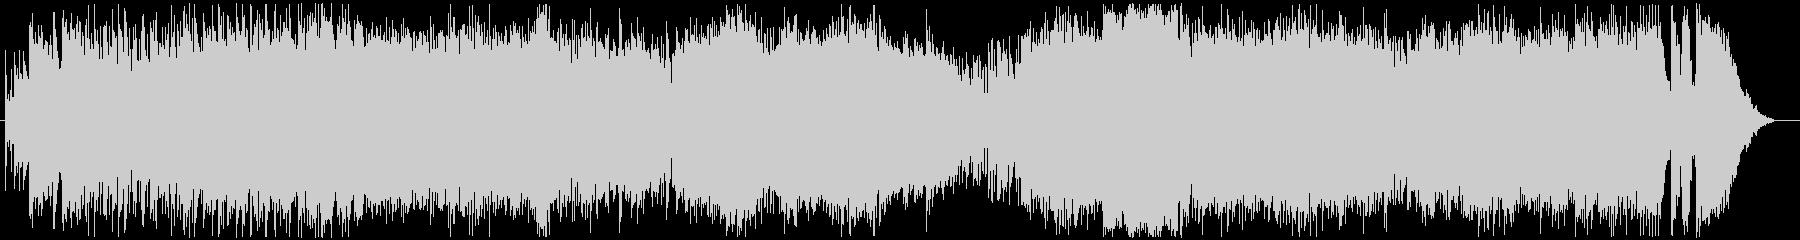 クウソウチュウカの未再生の波形